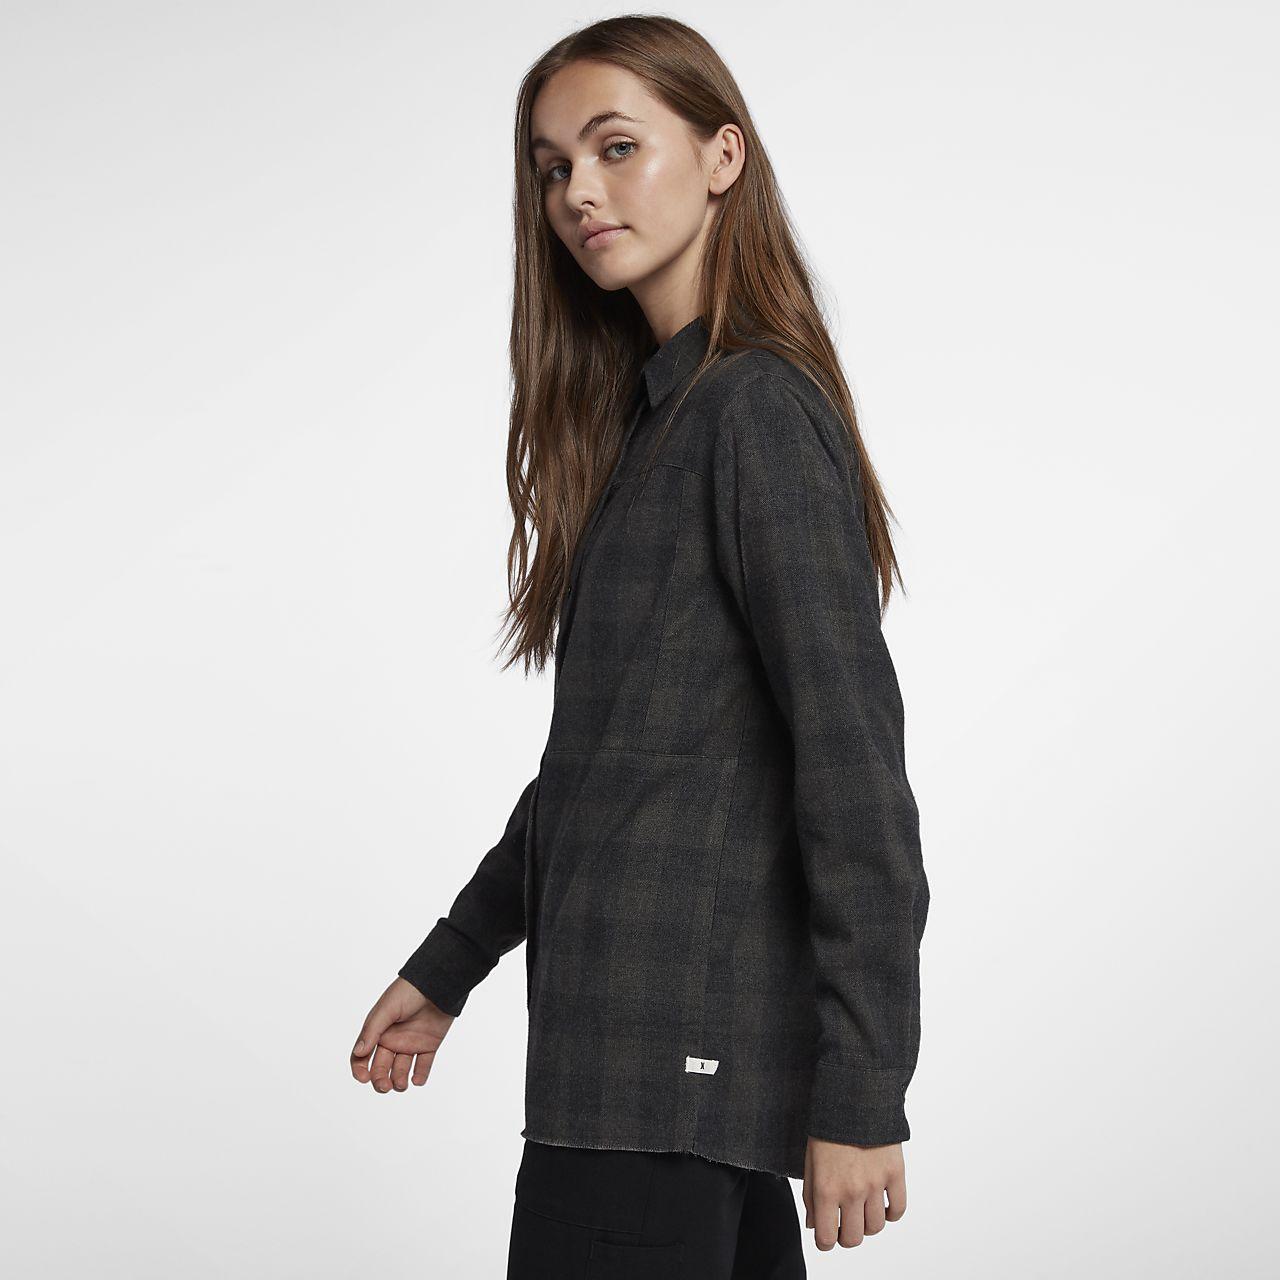 16230deaff2 Женская фланелевая рубашка с длинным рукавом Hurley Wilson. Nike.com RU